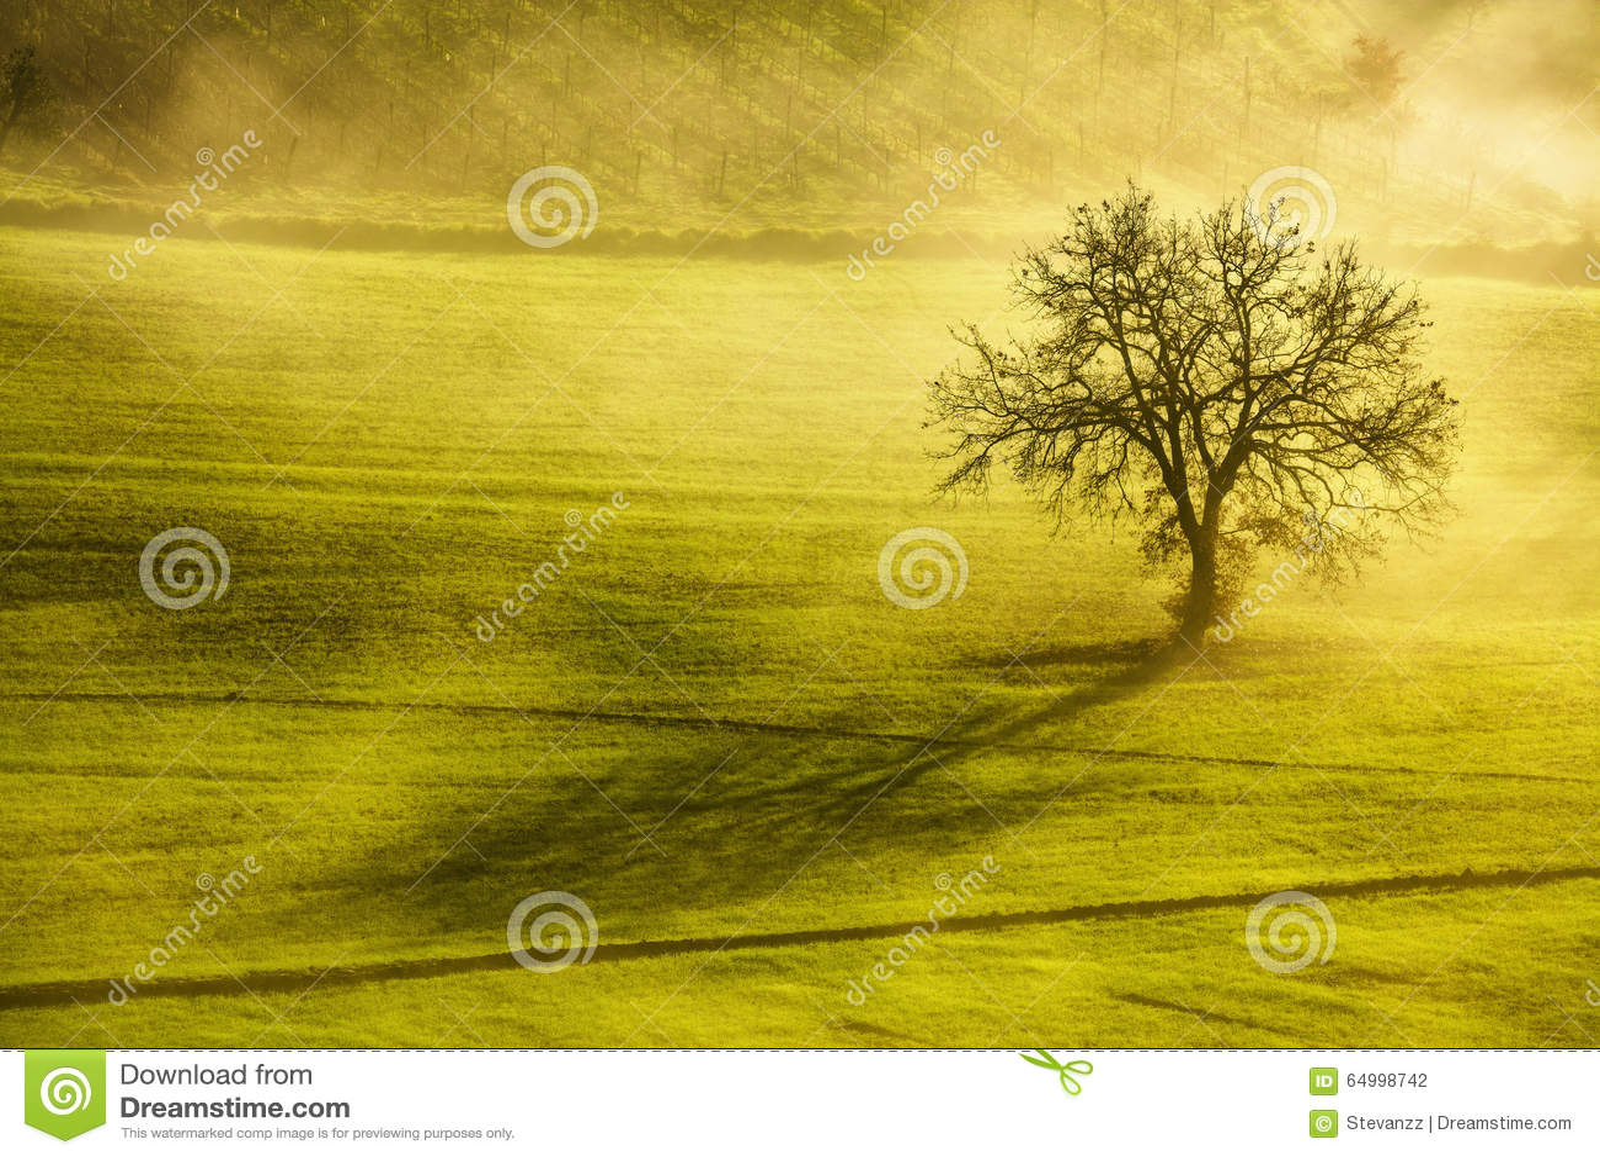 Matin d hiver de la Toscane, arbre isolé et brouillard l Italie